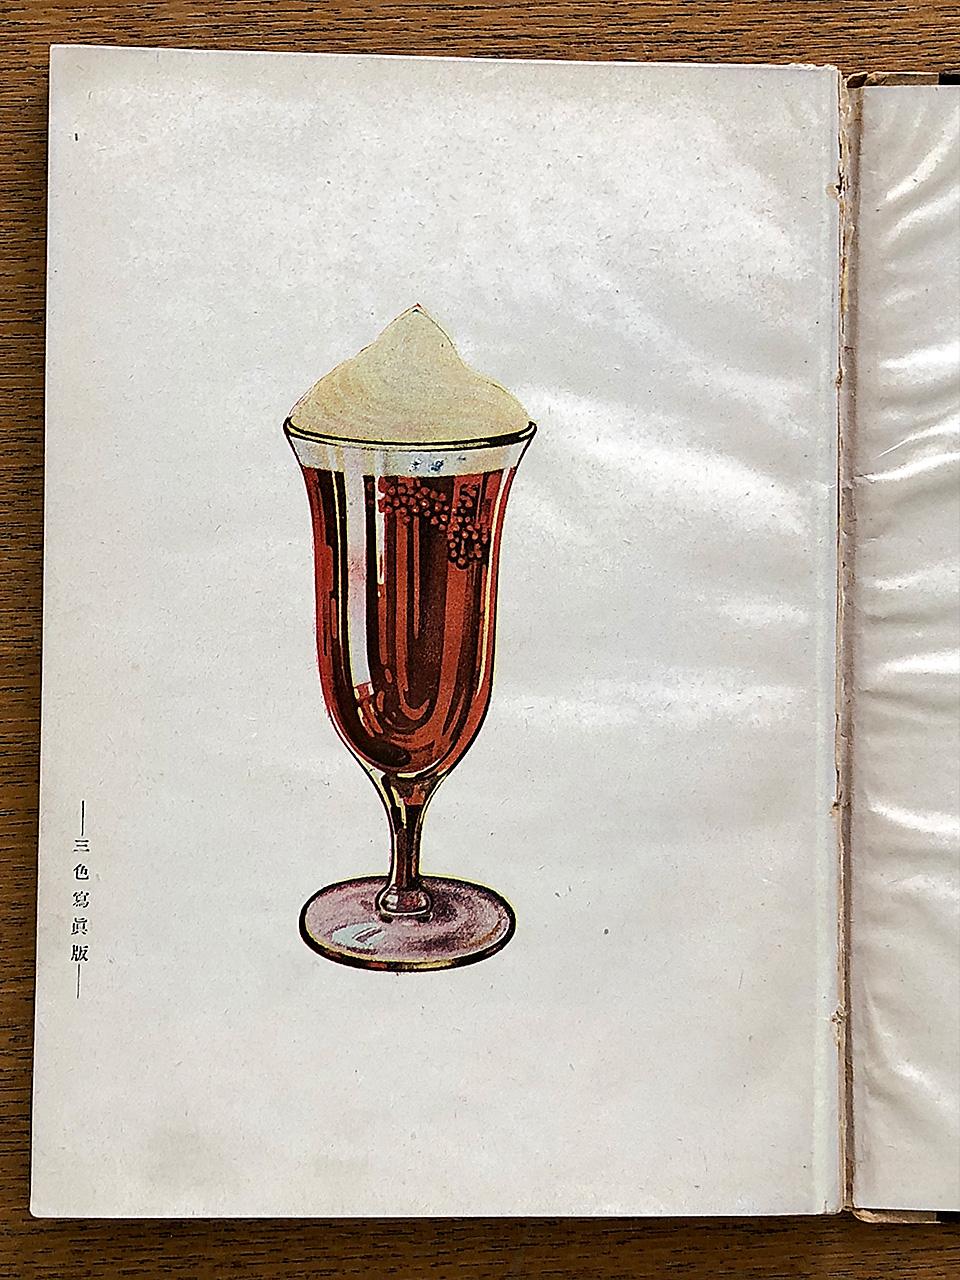 からふね屋1927年営業のしおり3色印刷